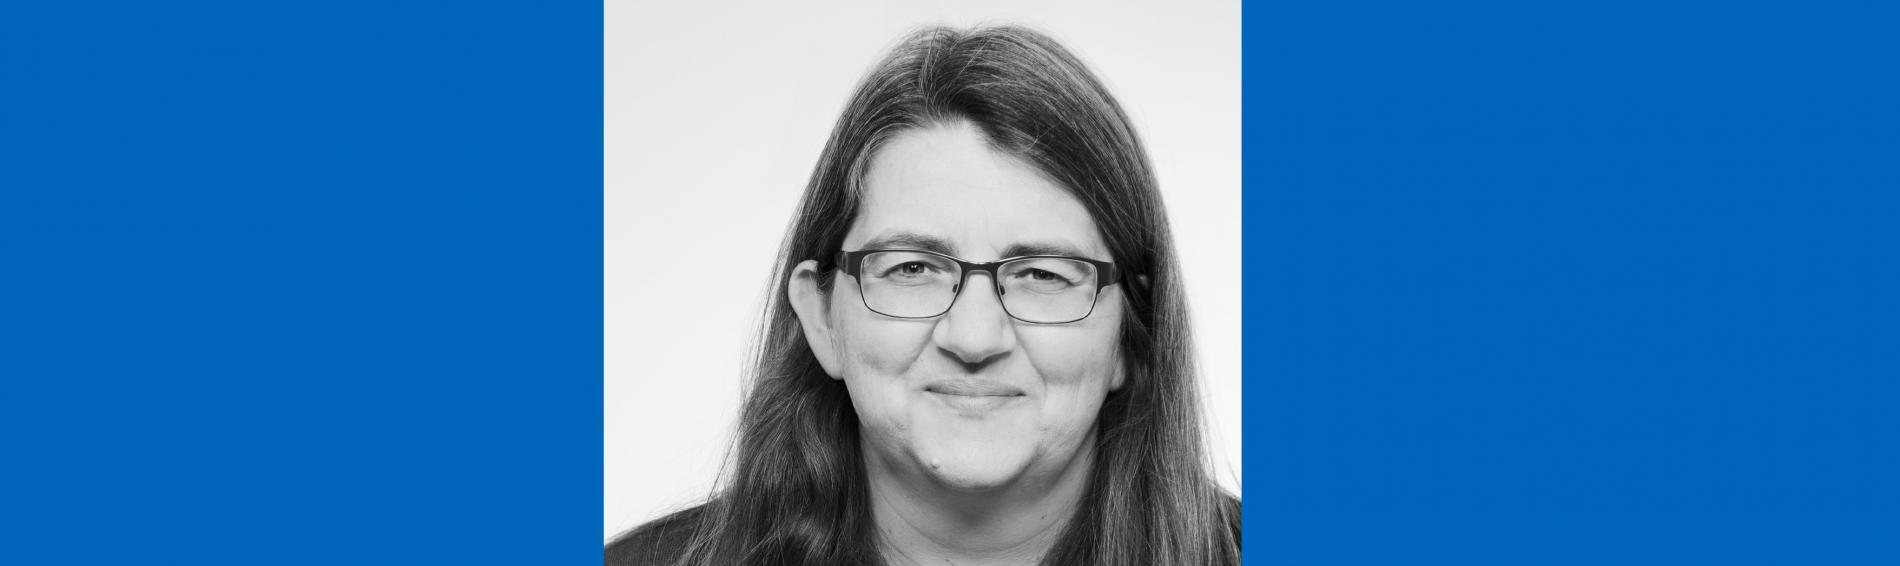 Claudia Rokitta setzt sich als Programmiererin ehrenamtlich für Ärzte der Welt ein. Foto: Claudia Rokitta